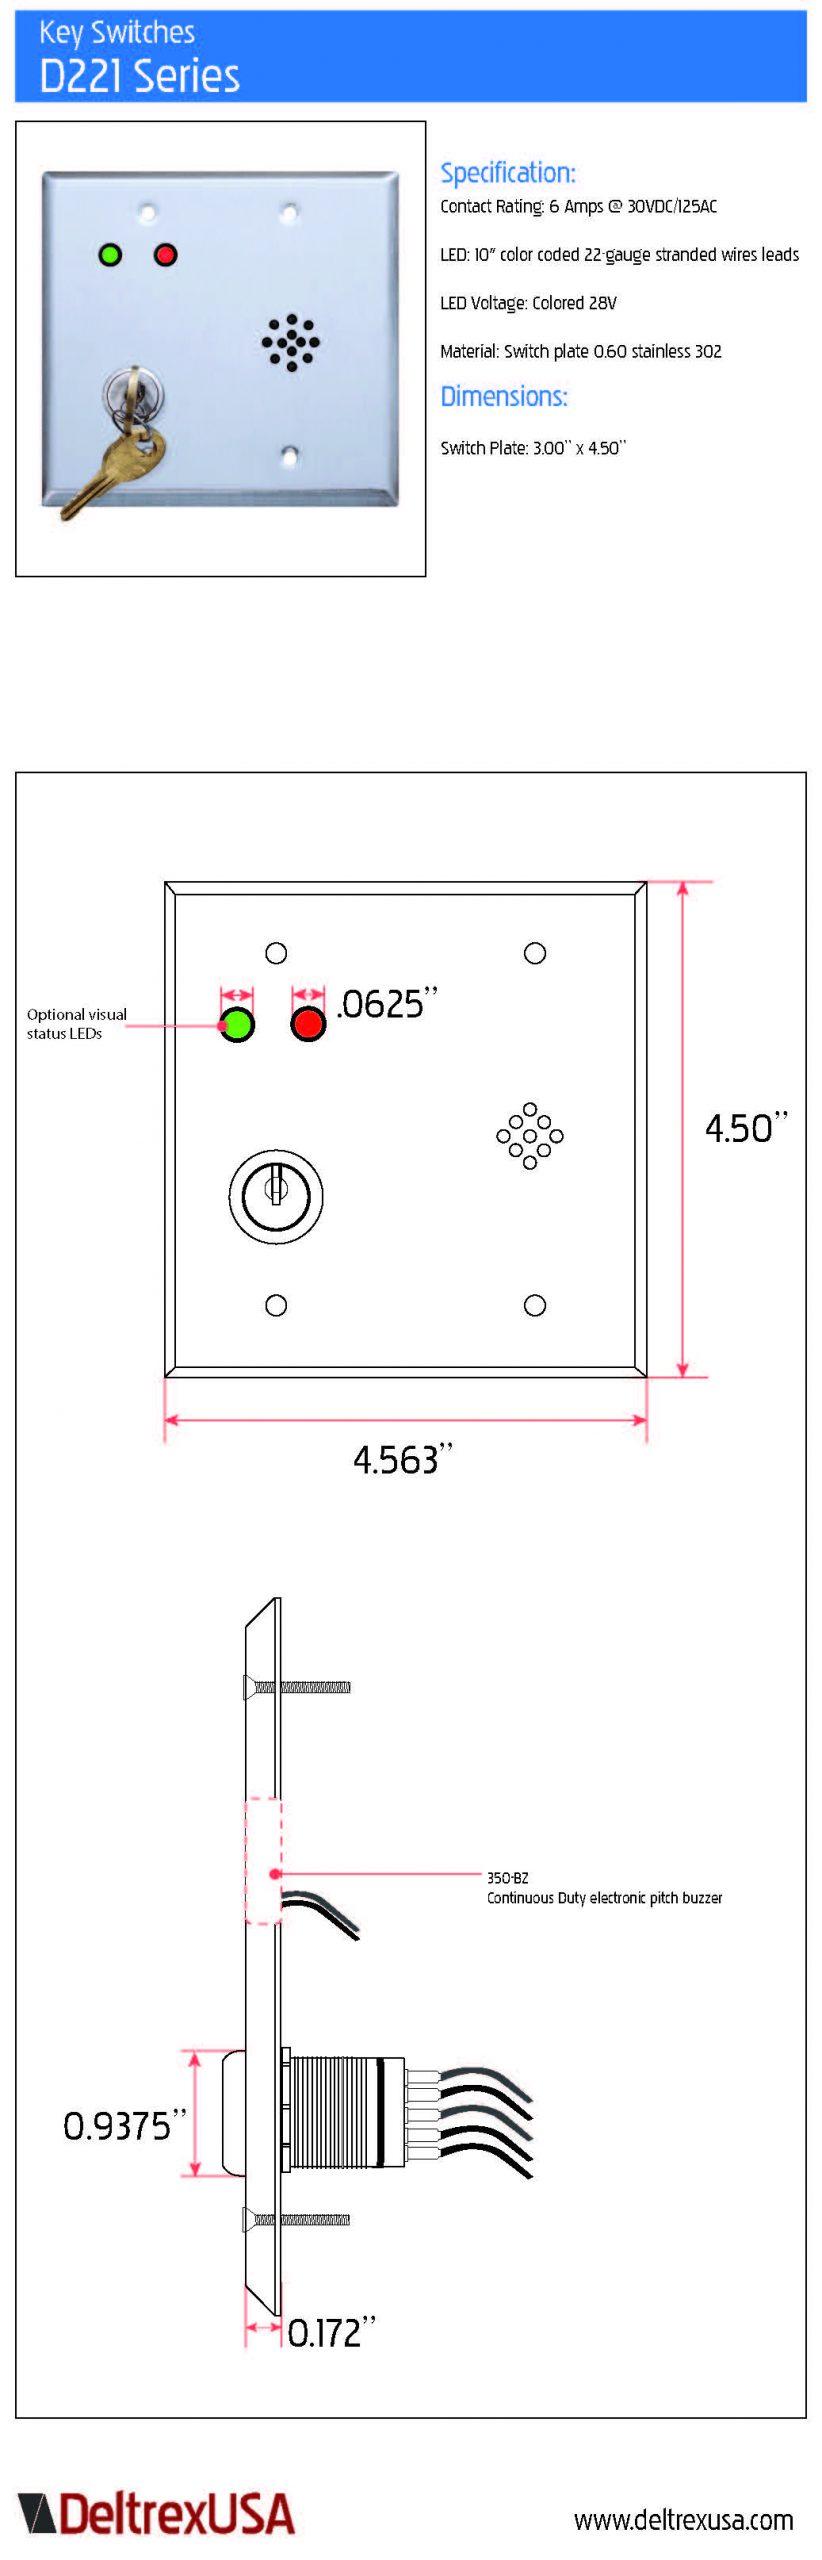 d222 keyswitch spec sheet